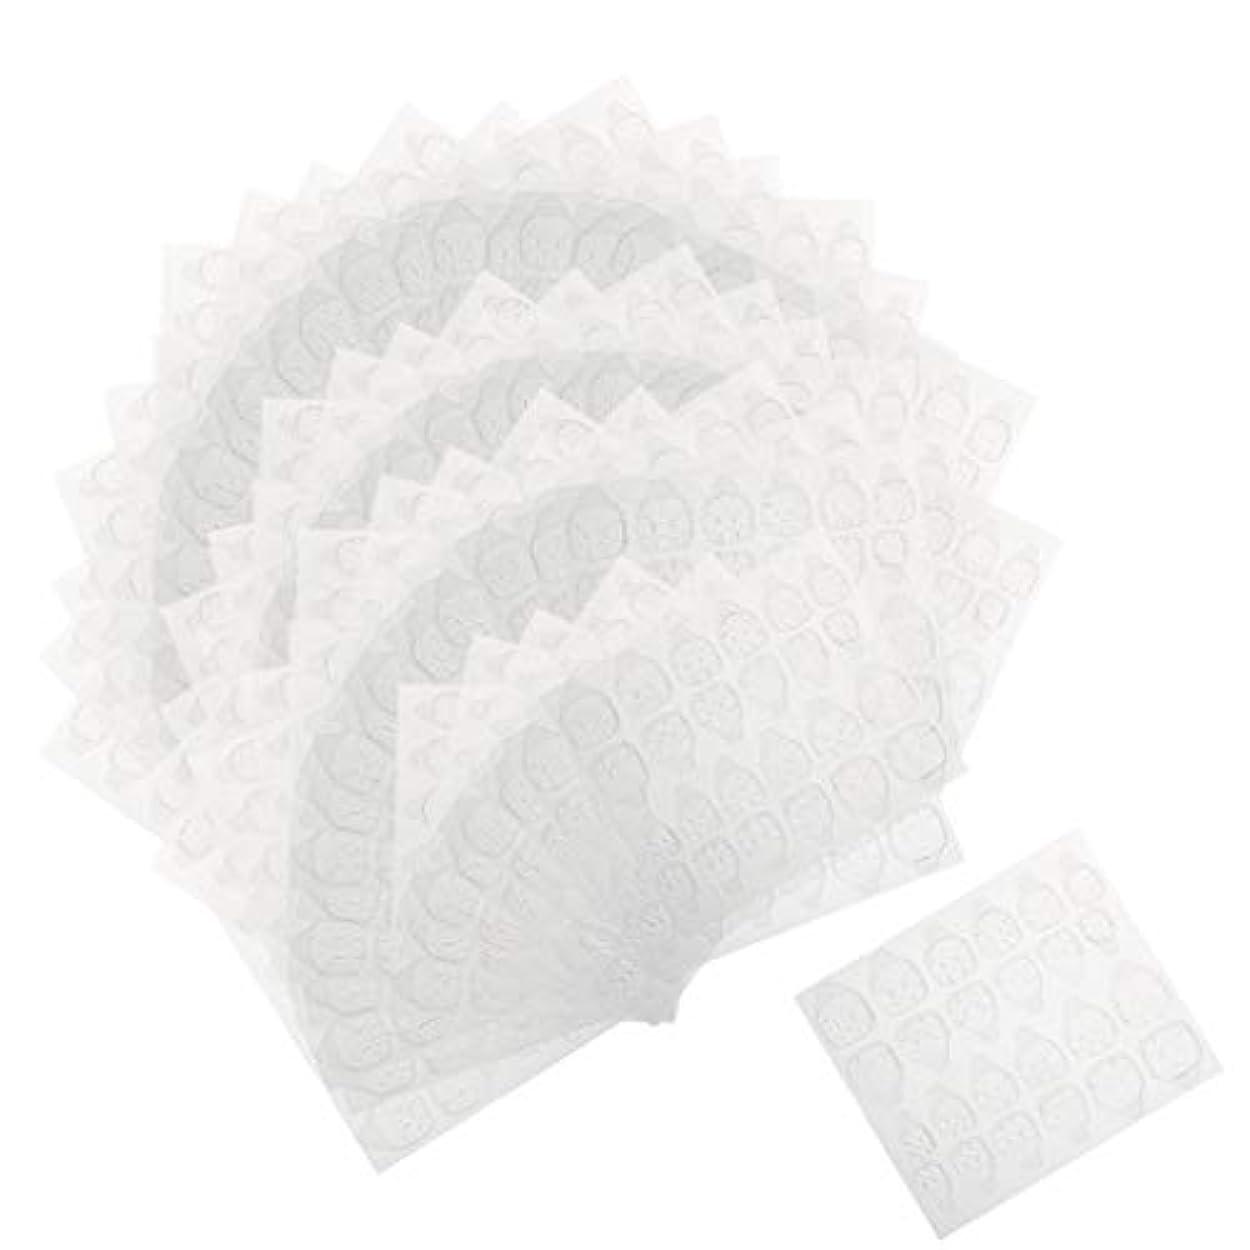 波無臭署名Perfeclan ネイルタブ ネイル接着剤ステッカー マニキュアタブ 両面接着 透明 両面テープ 約240ピースセット